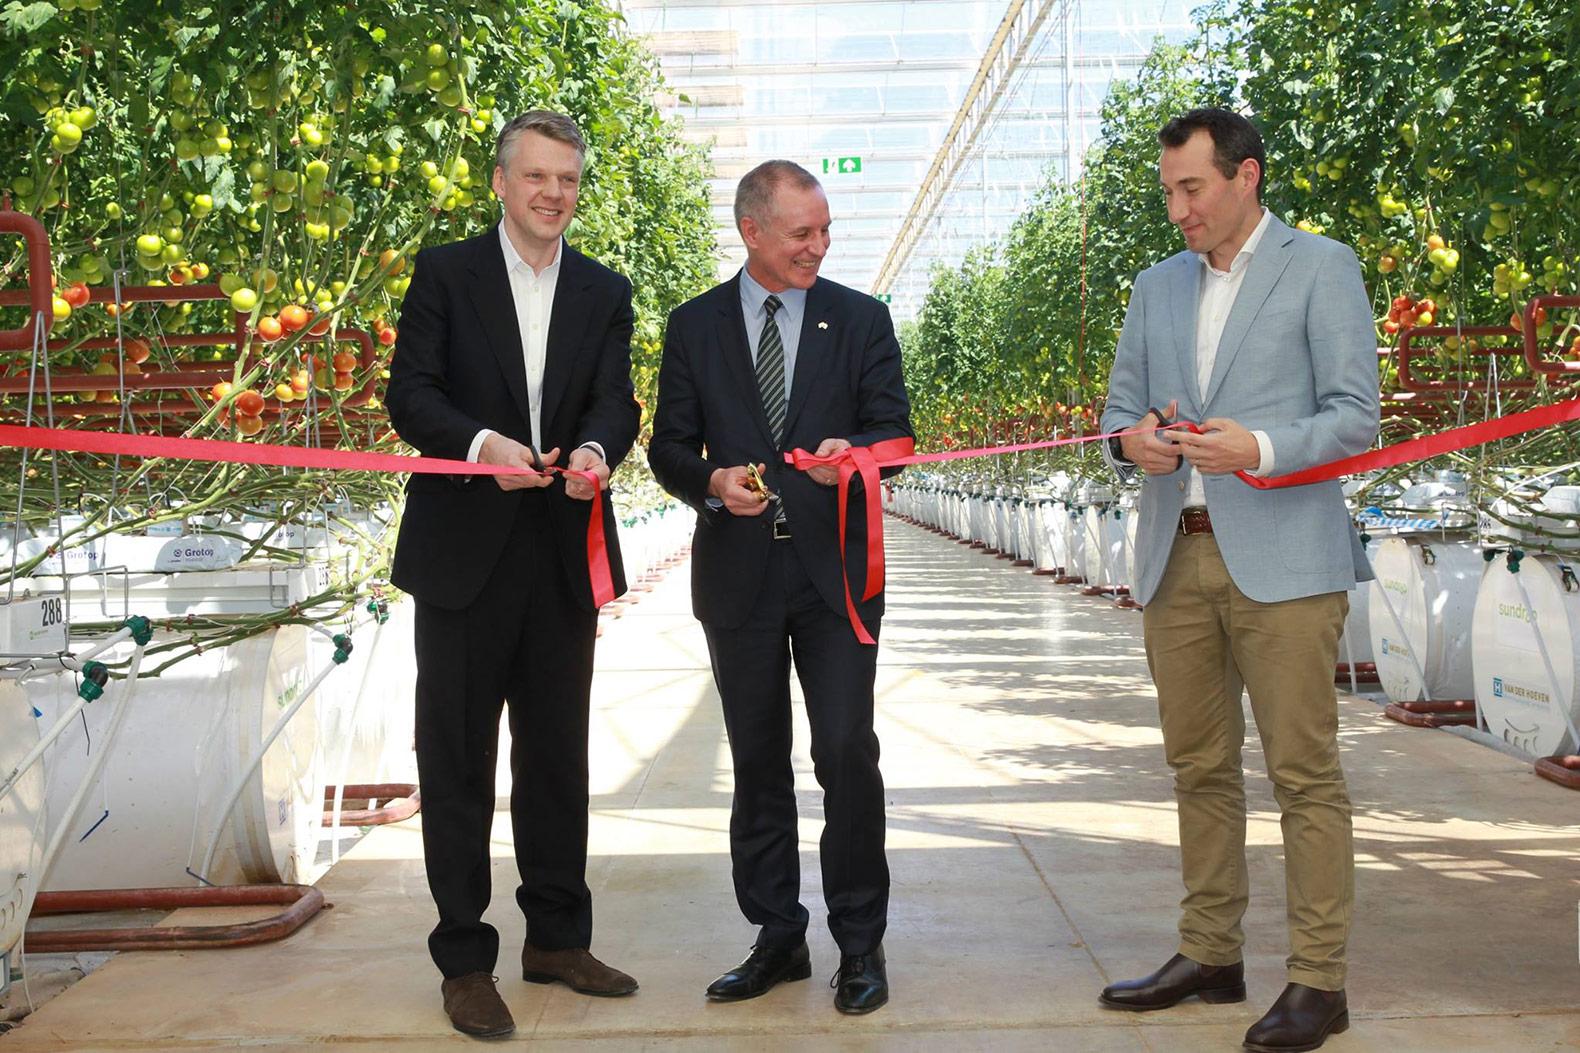 Nông trại Sundrop chính thức khai trương vào tháng 10/2016 (ảnh: Sundrop Farms Facebook)